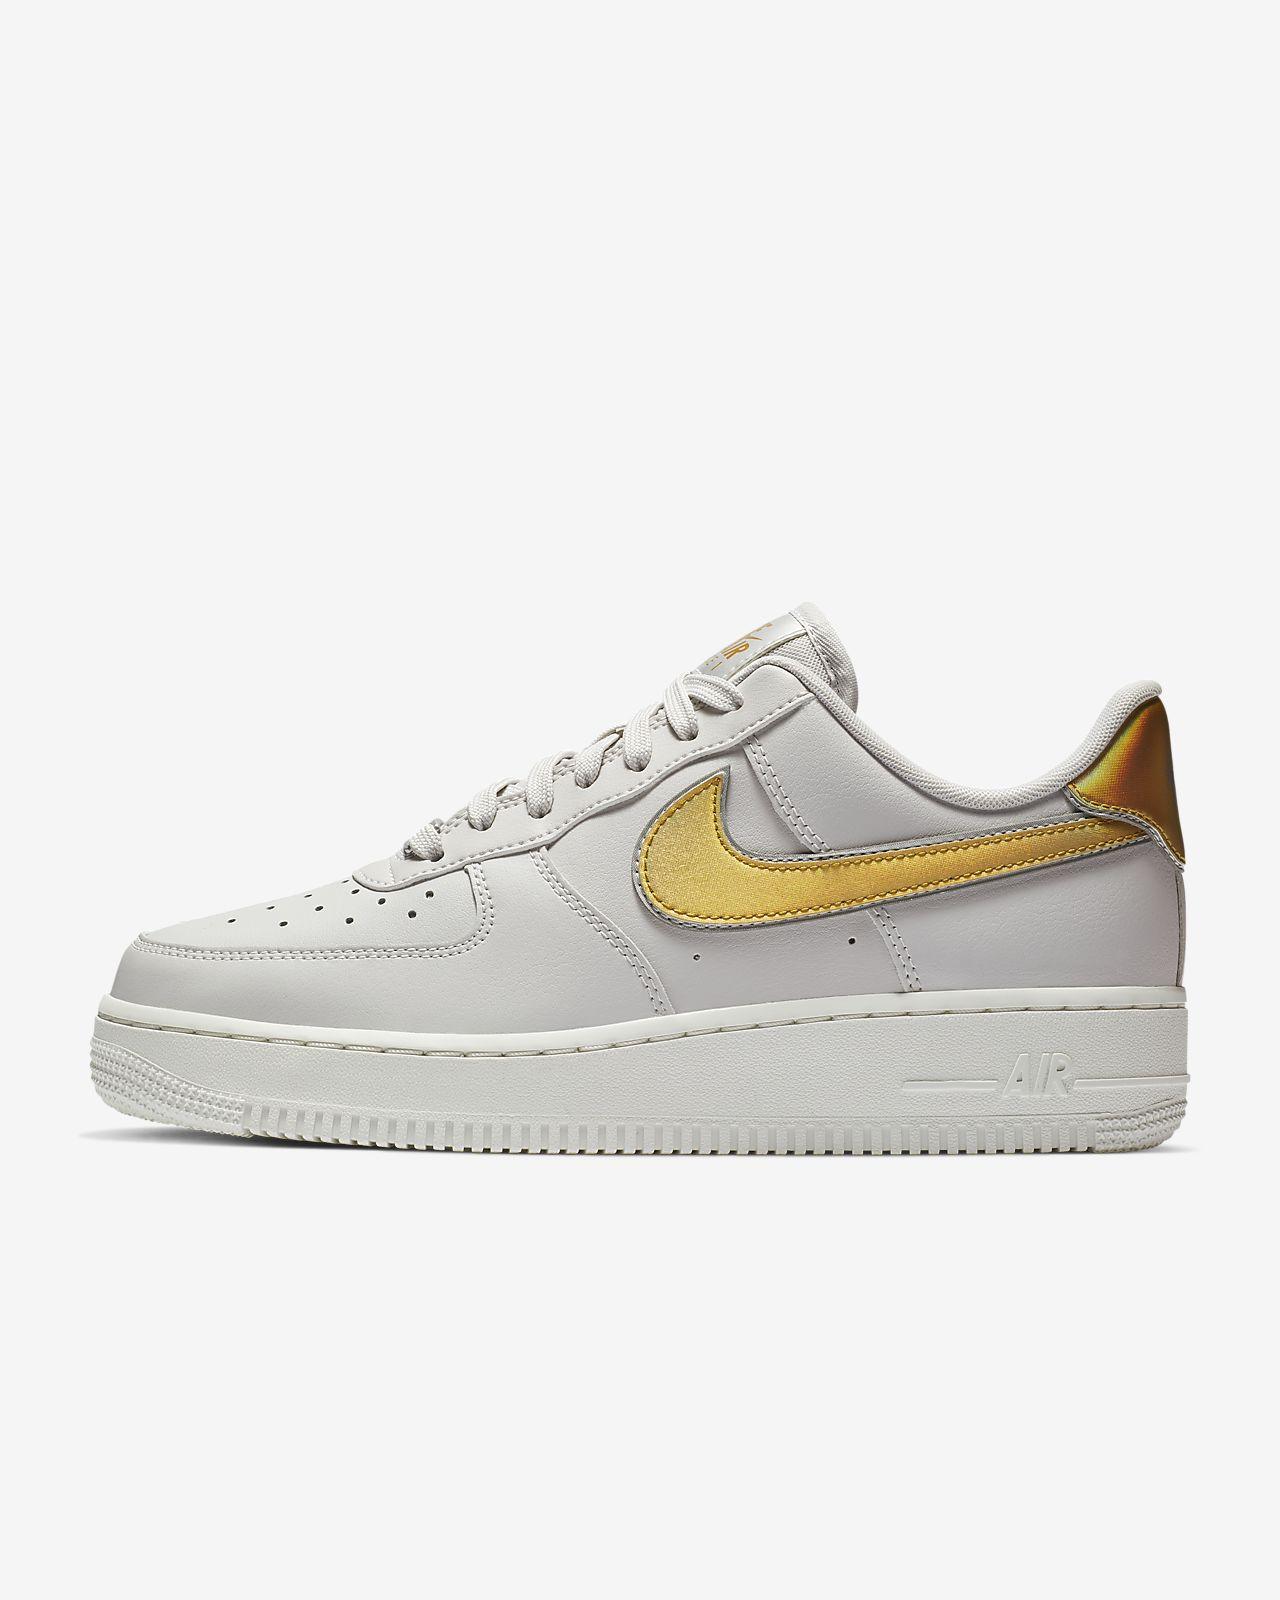 '07 Pour Force Chaussure Nike 1 Metallic Ca Femme Air PqYSFAI